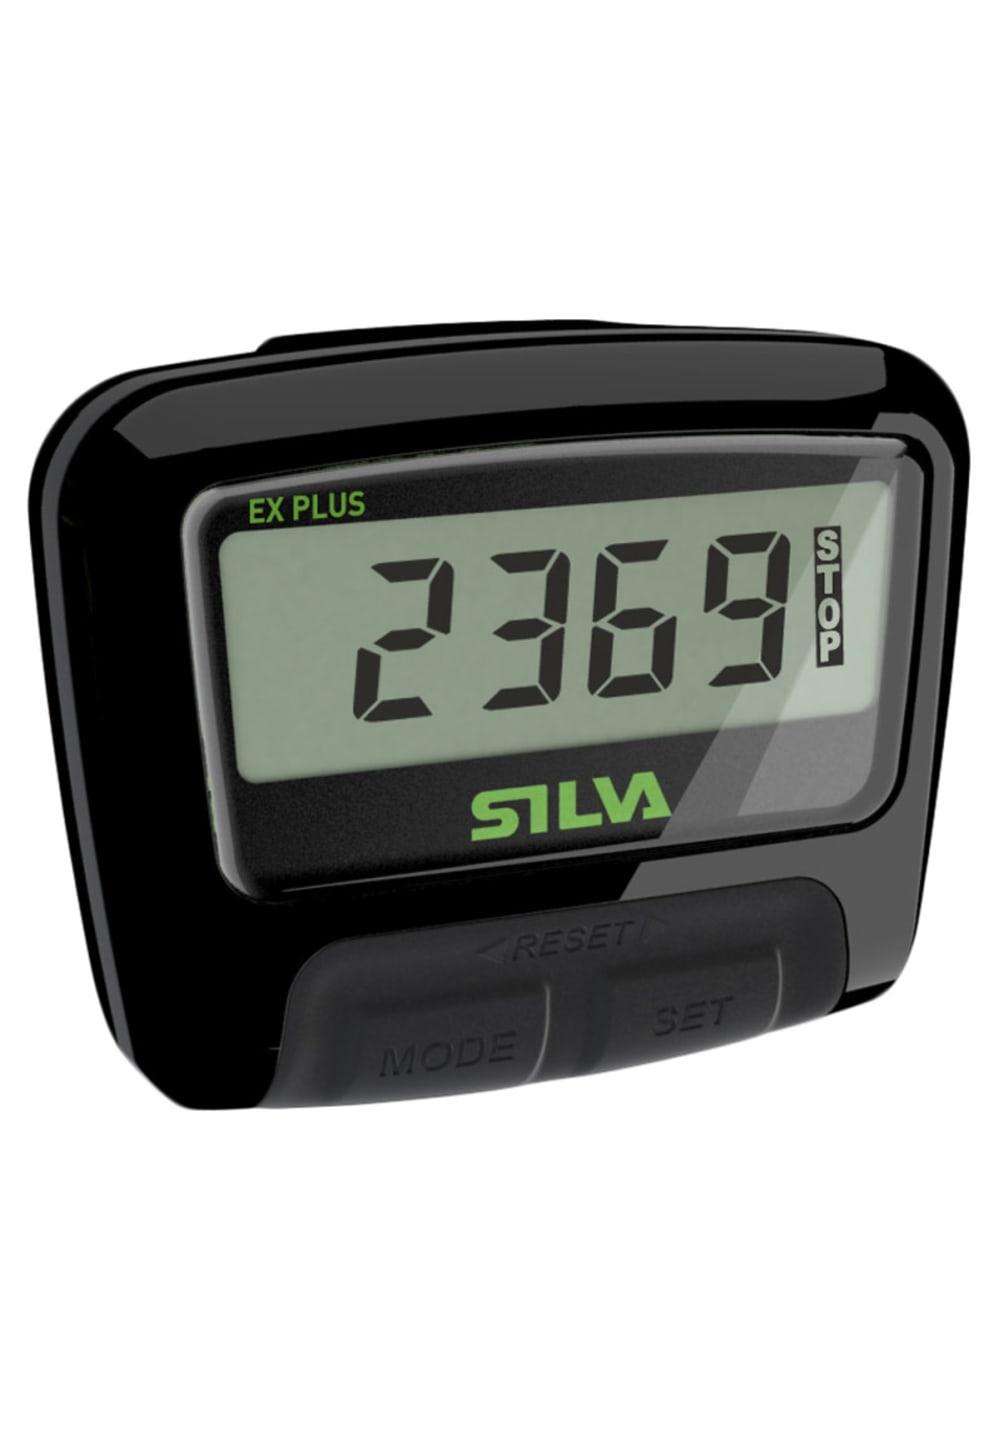 Silva PEDOMETER EX Plus Fitnessbänder - Schwarz, Gr. One Size